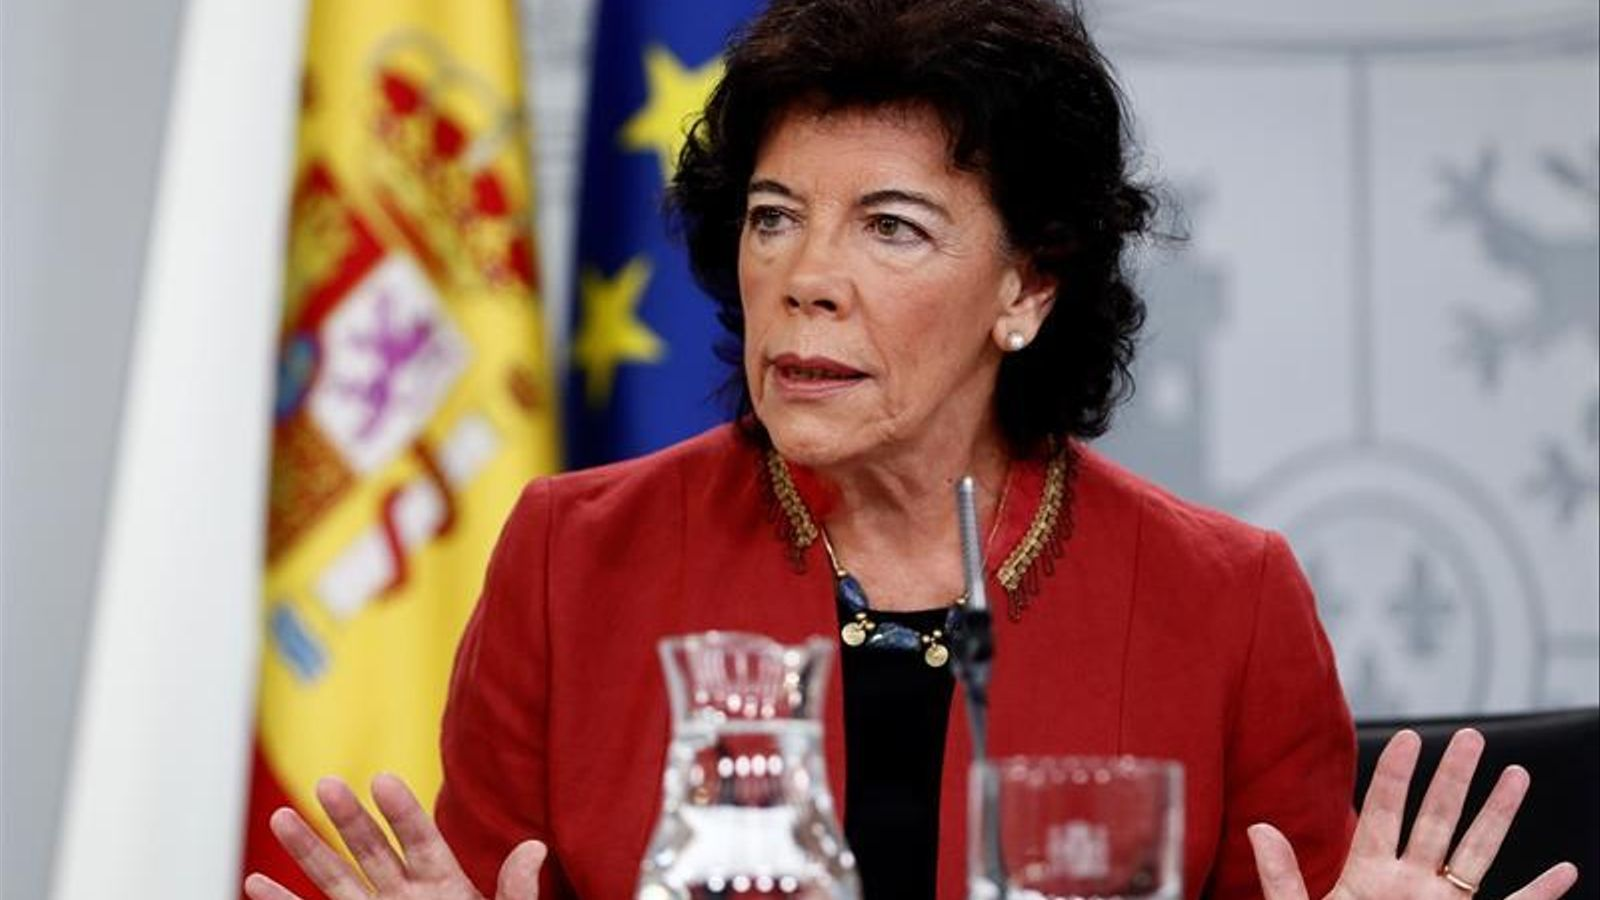 La ministra portaveu del govern espanyol, Isabel Celaá, durant la roda de premsa posterior al consell de ministres. EFE